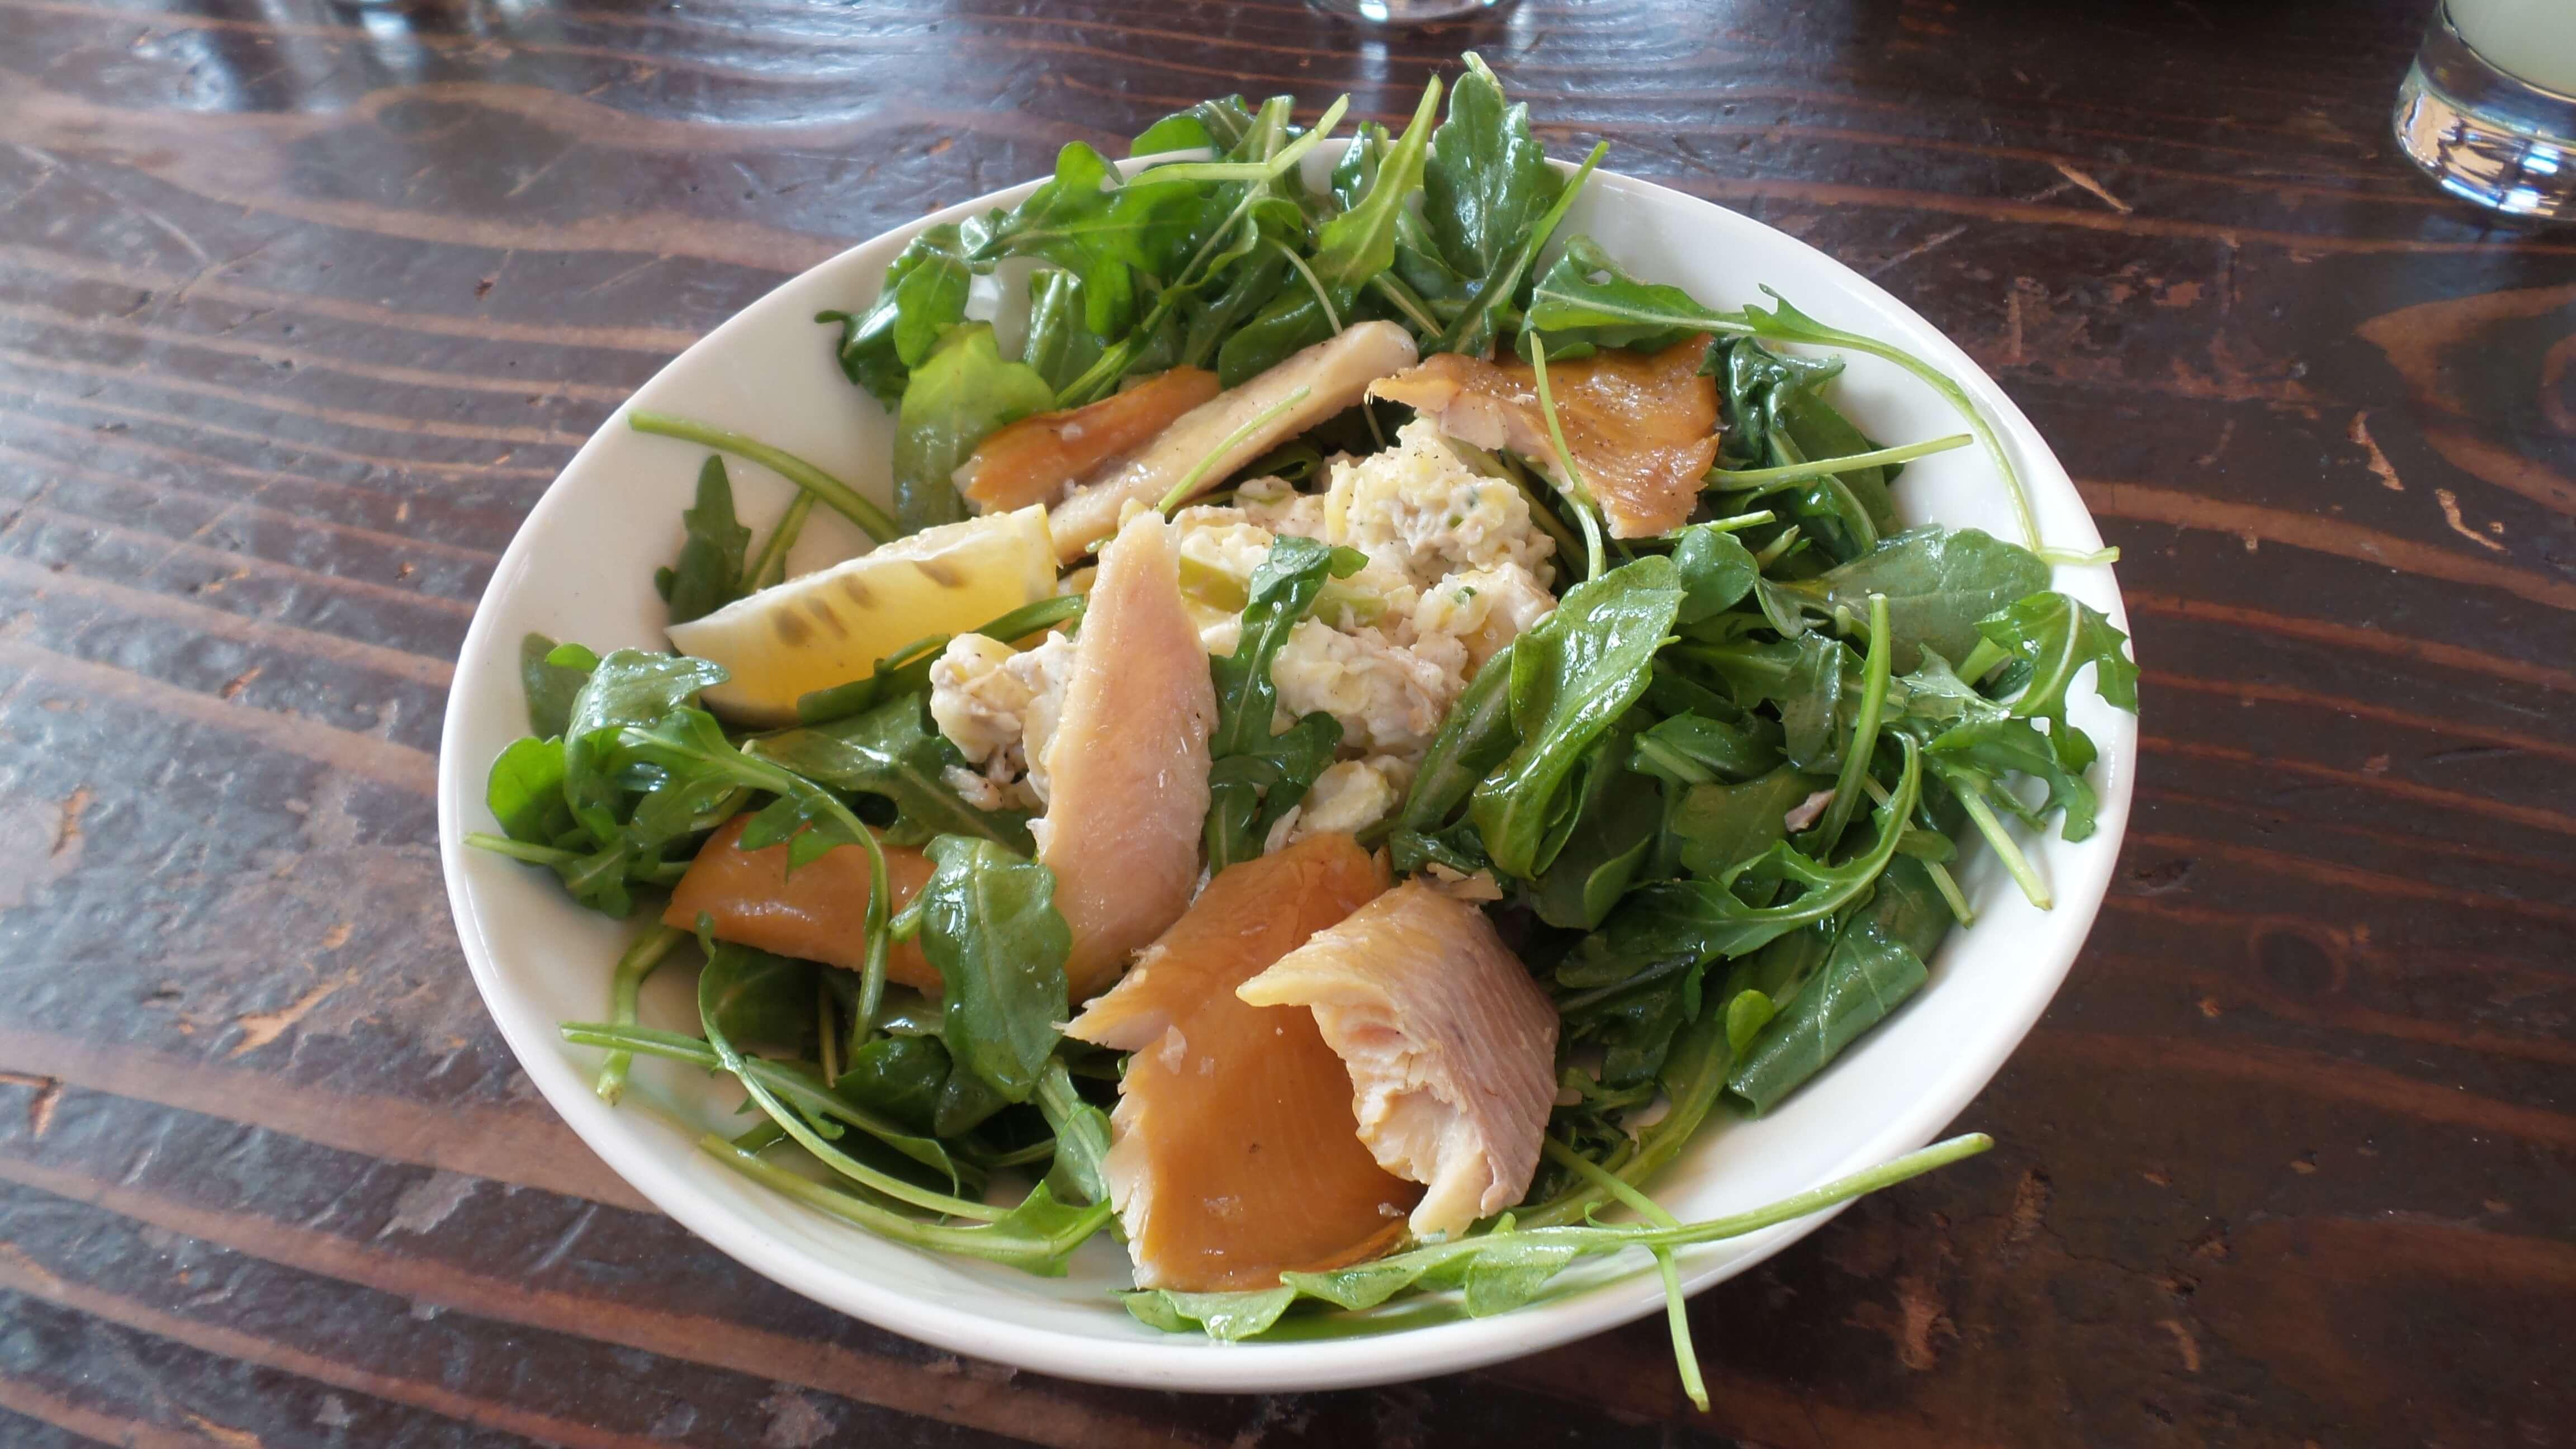 Smoked Trout, apple-potato salad, arugula